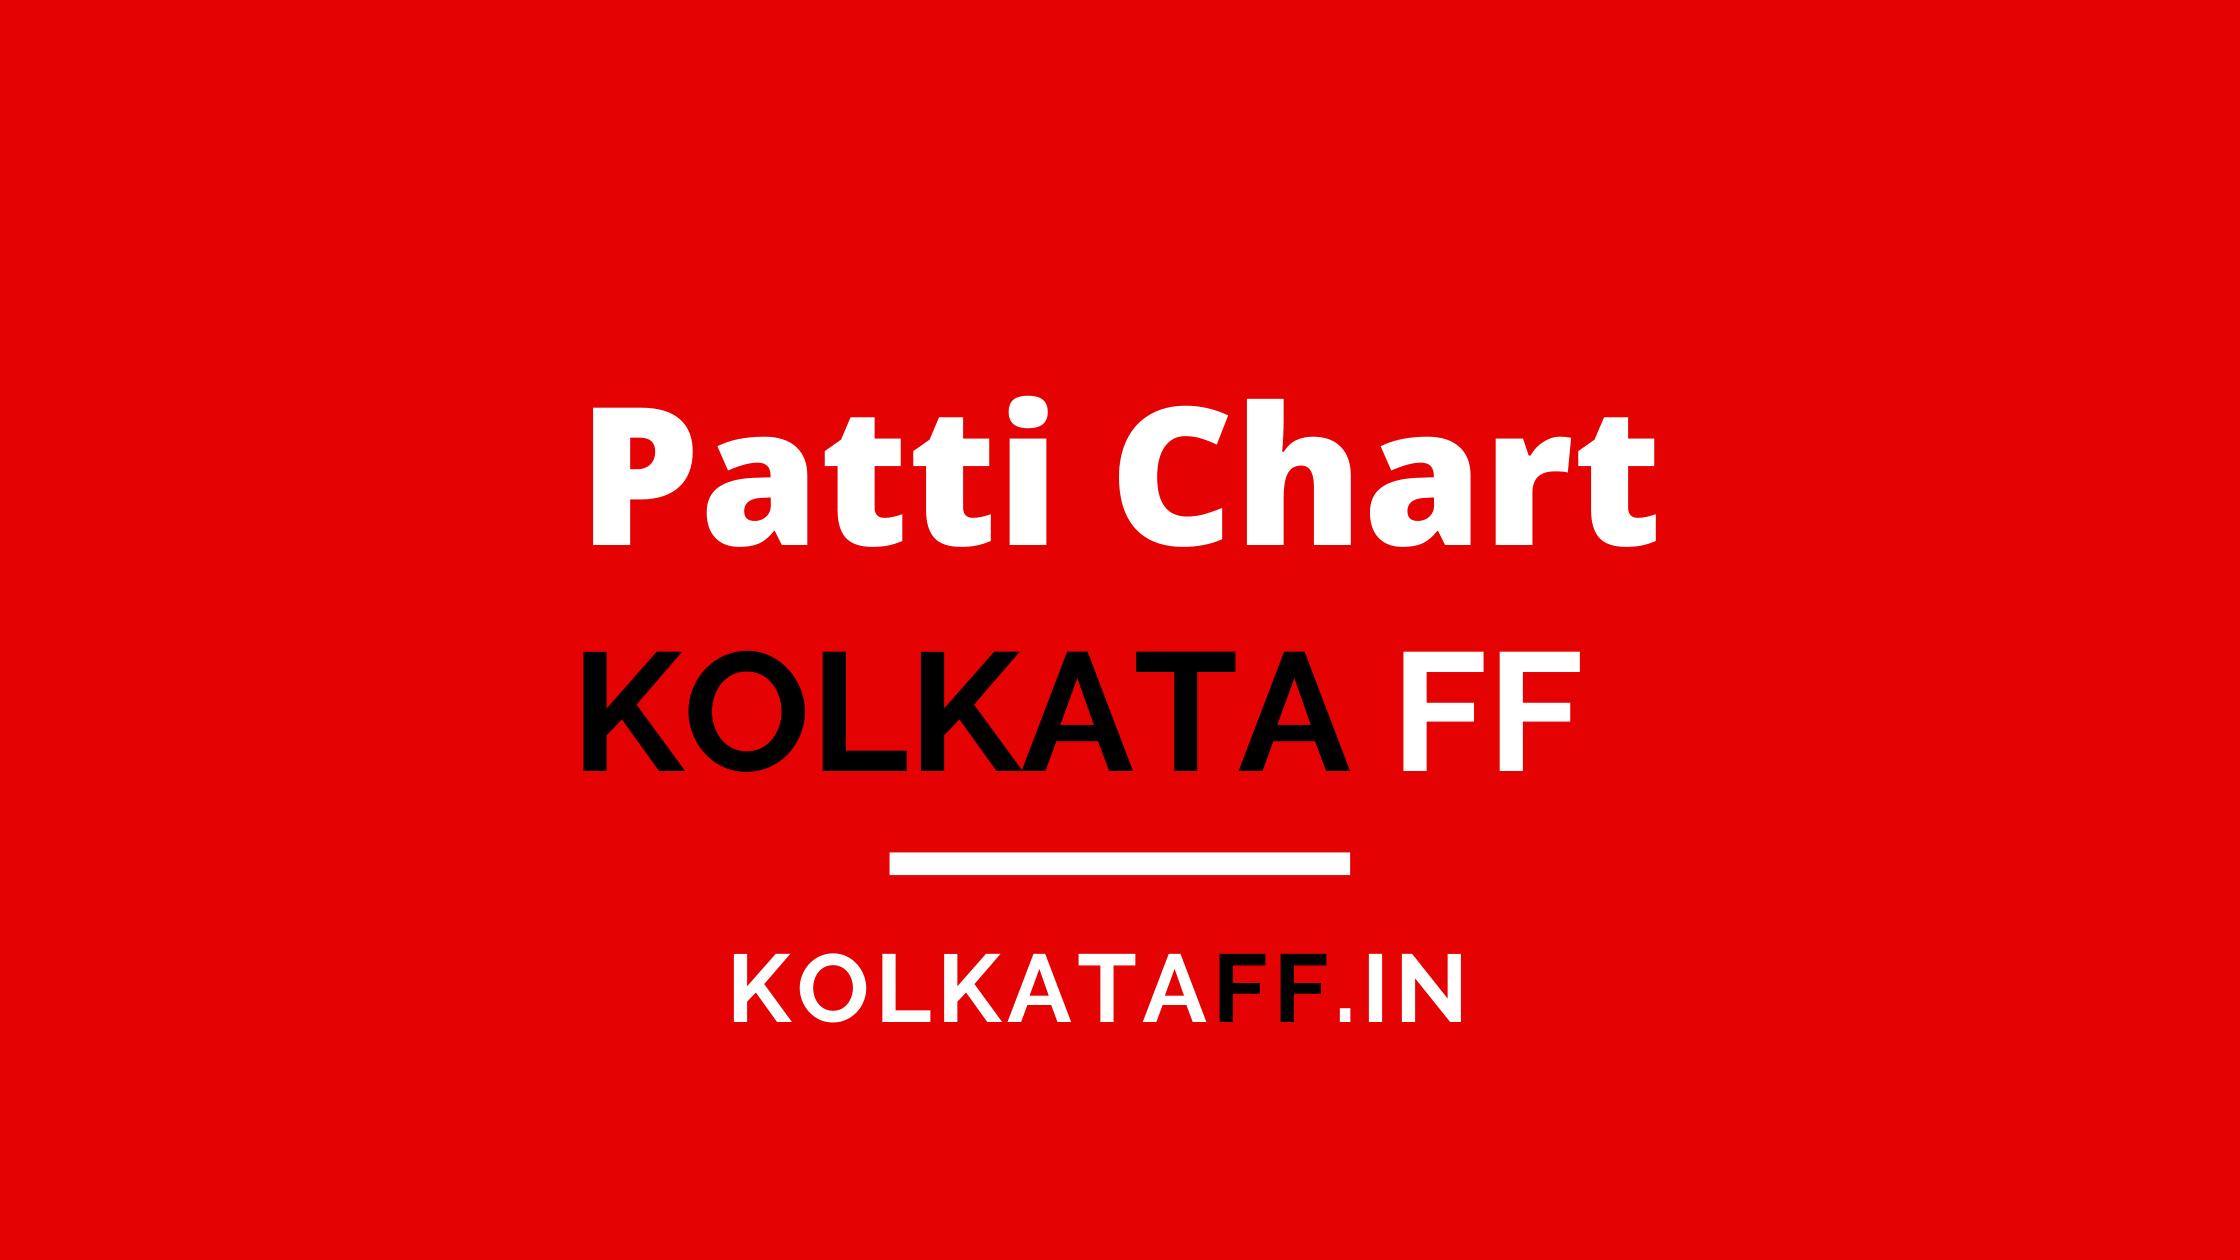 Kolkata FF Patti Chart